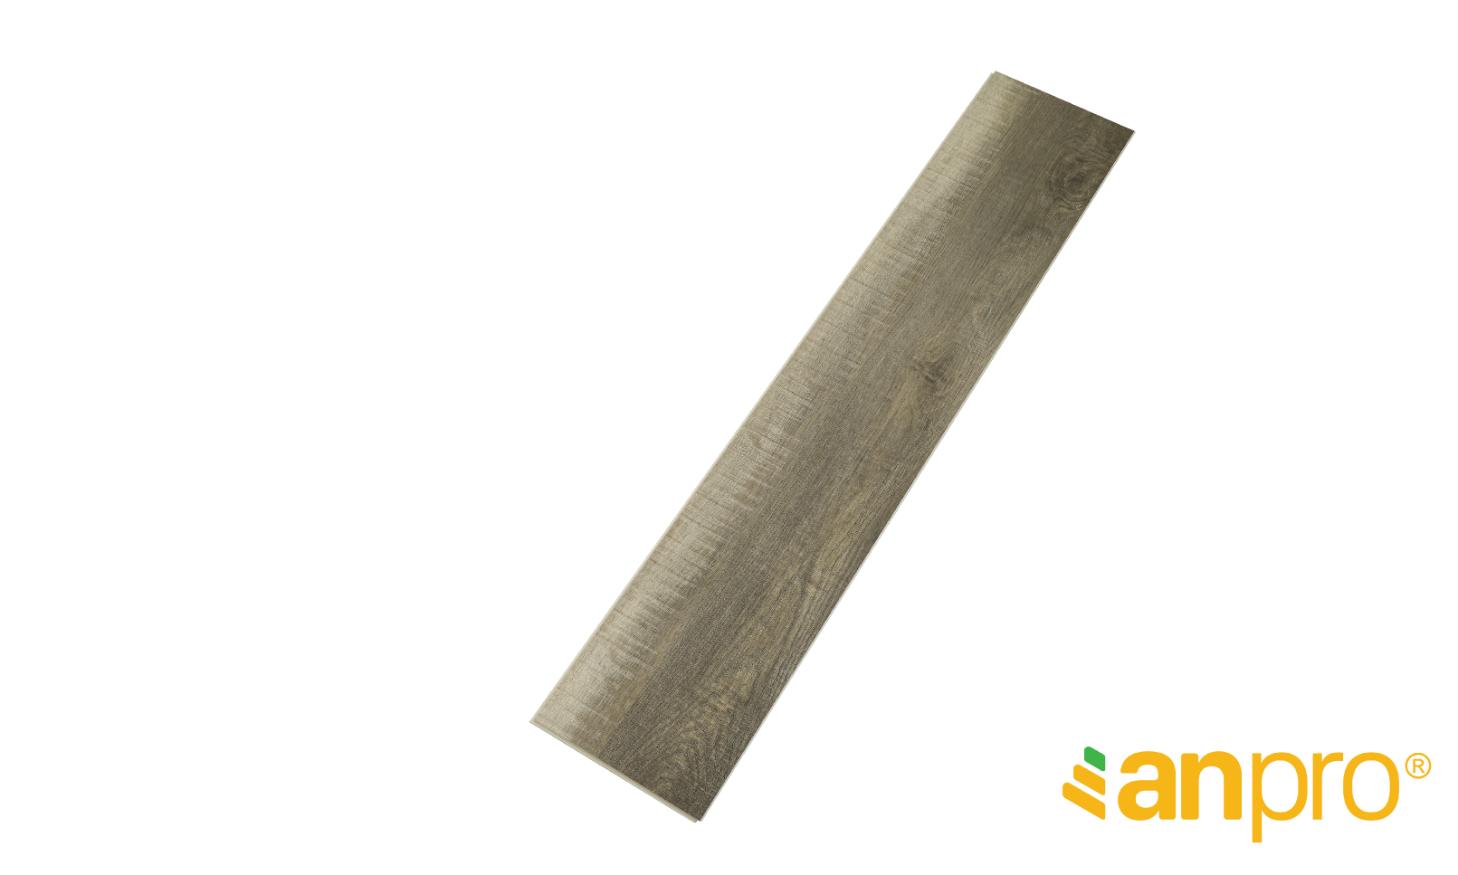 SA60 AnPro 01 - Sàn AnPro vân gỗ SA60